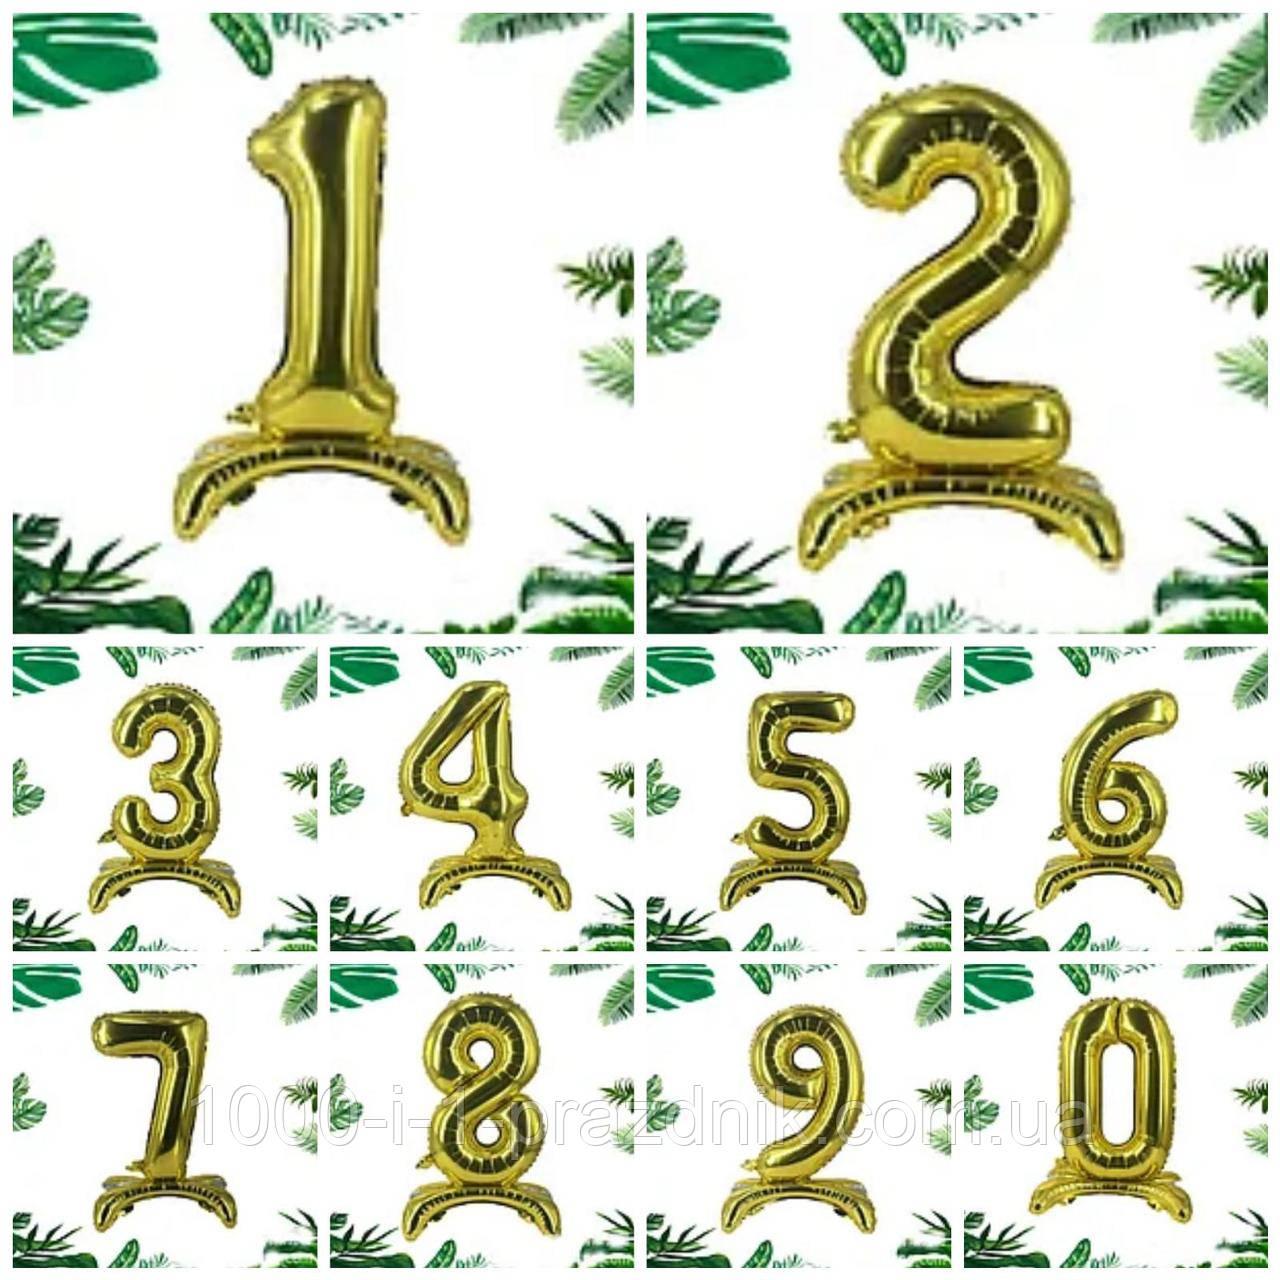 """Трёхмерная цифра на подставке  """"5""""    Золото"""